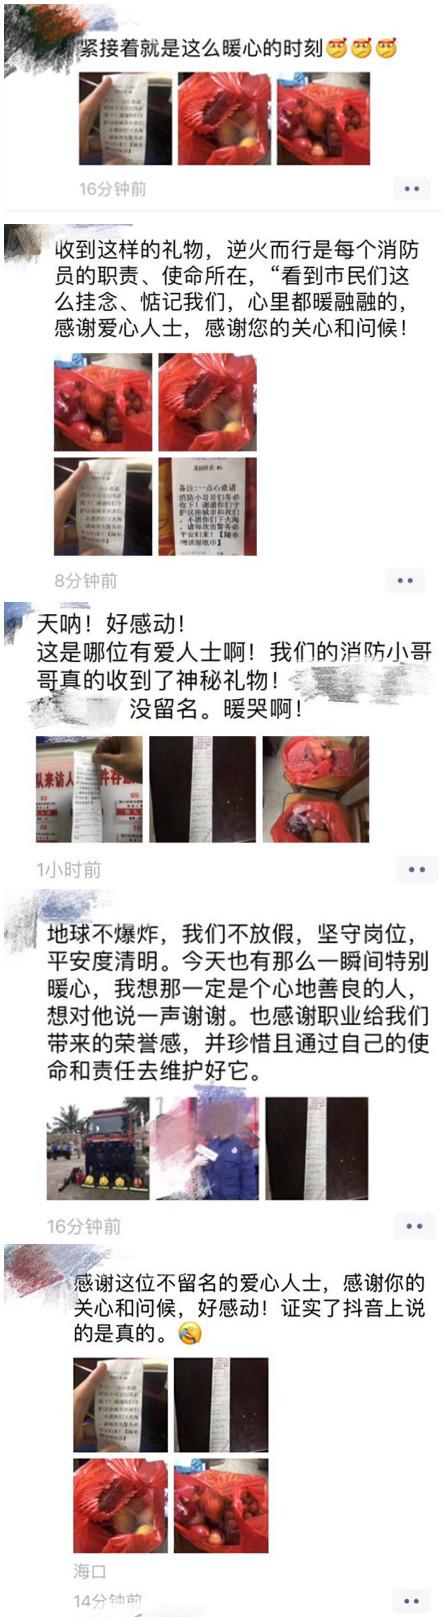 """海口消防收到""""神秘""""外卖 留言:请每次出警务"""